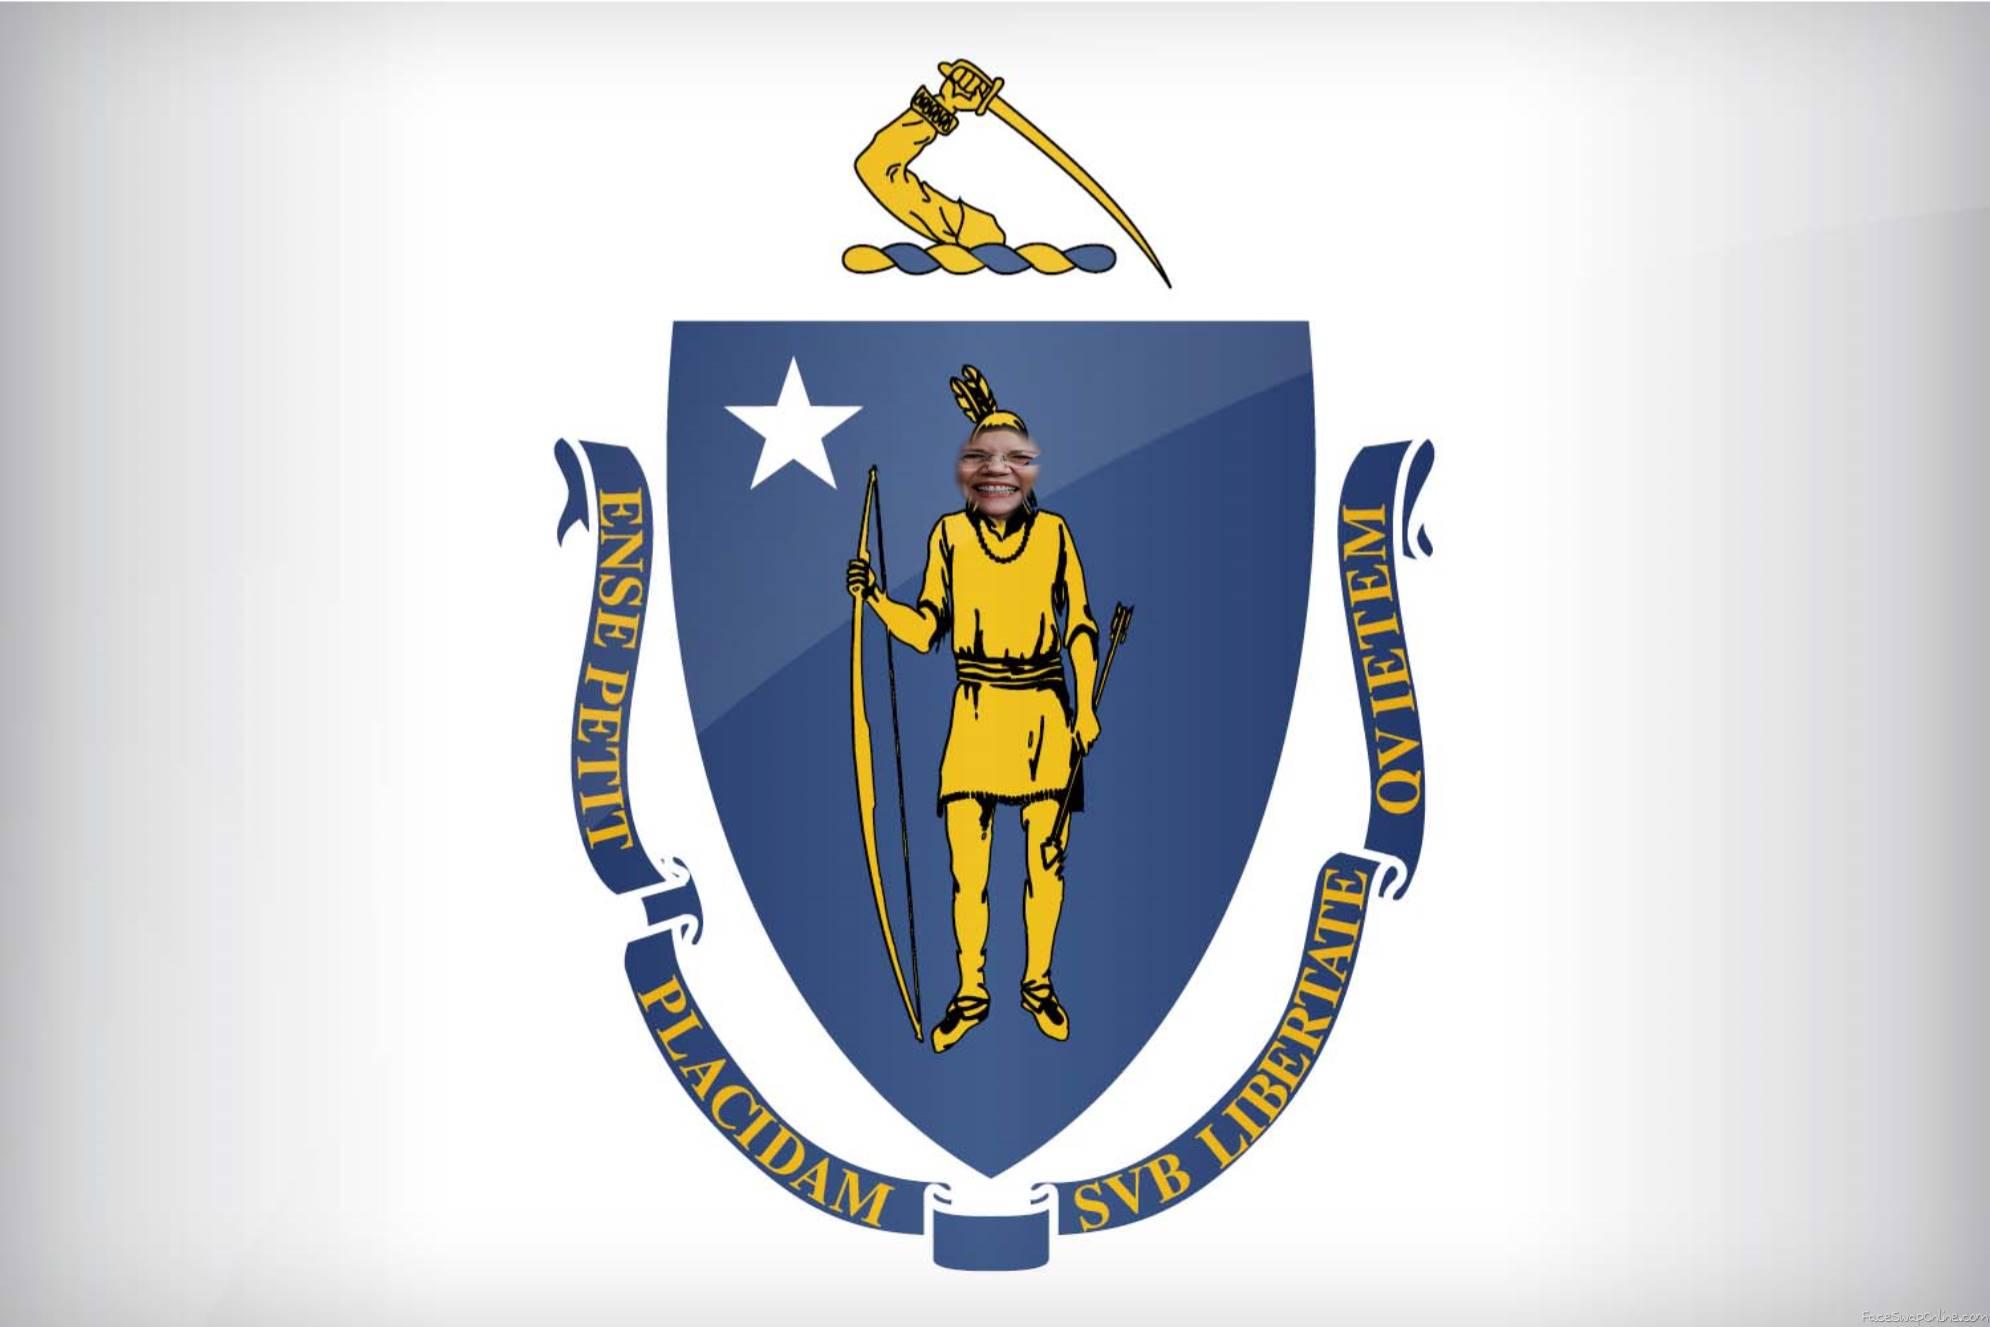 The Commonwealth of Warren